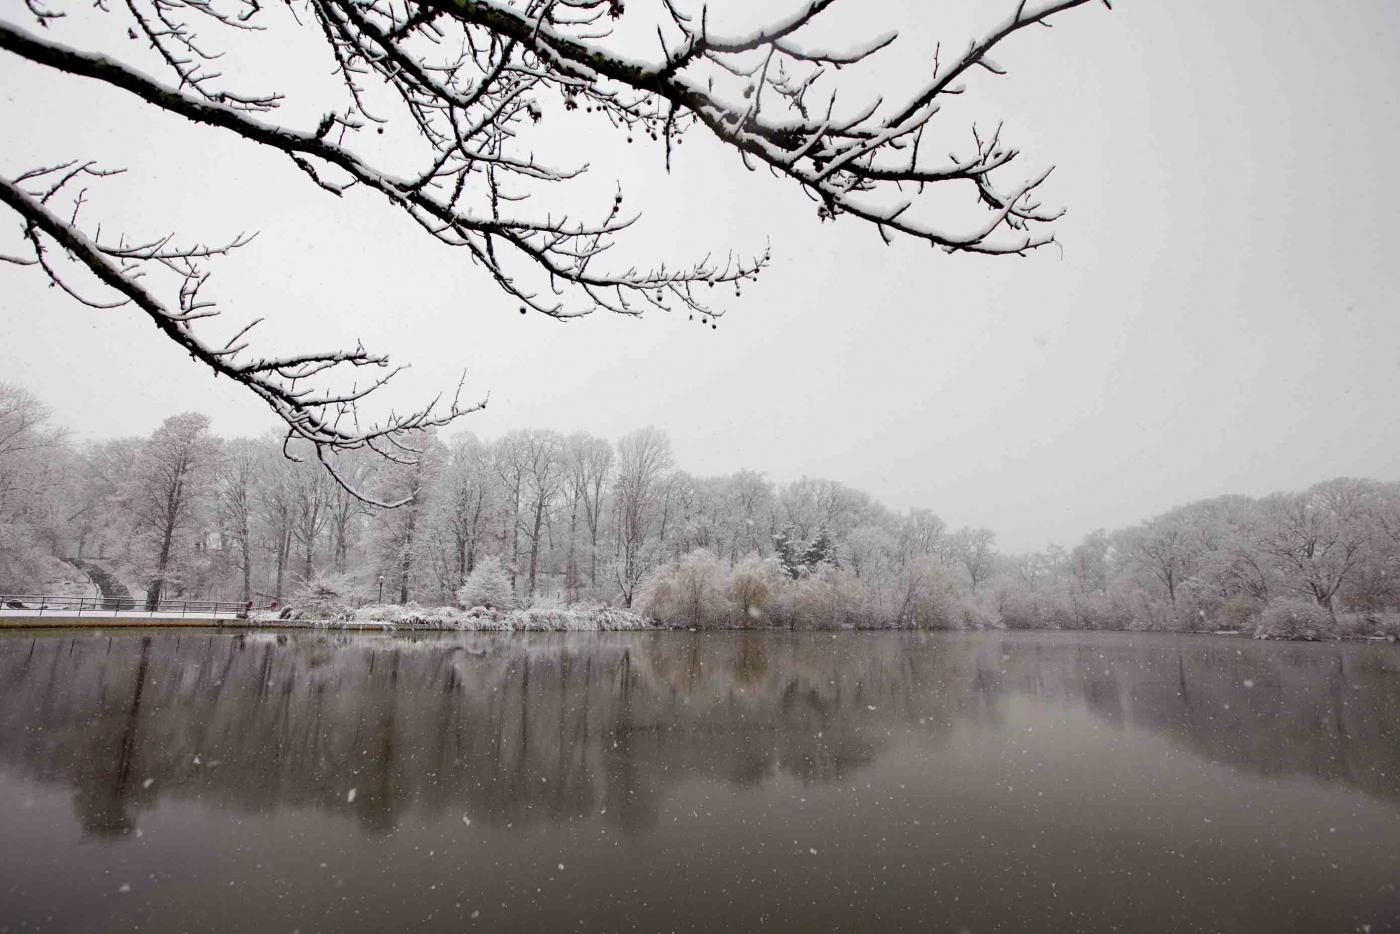 雪中即景_图1-10